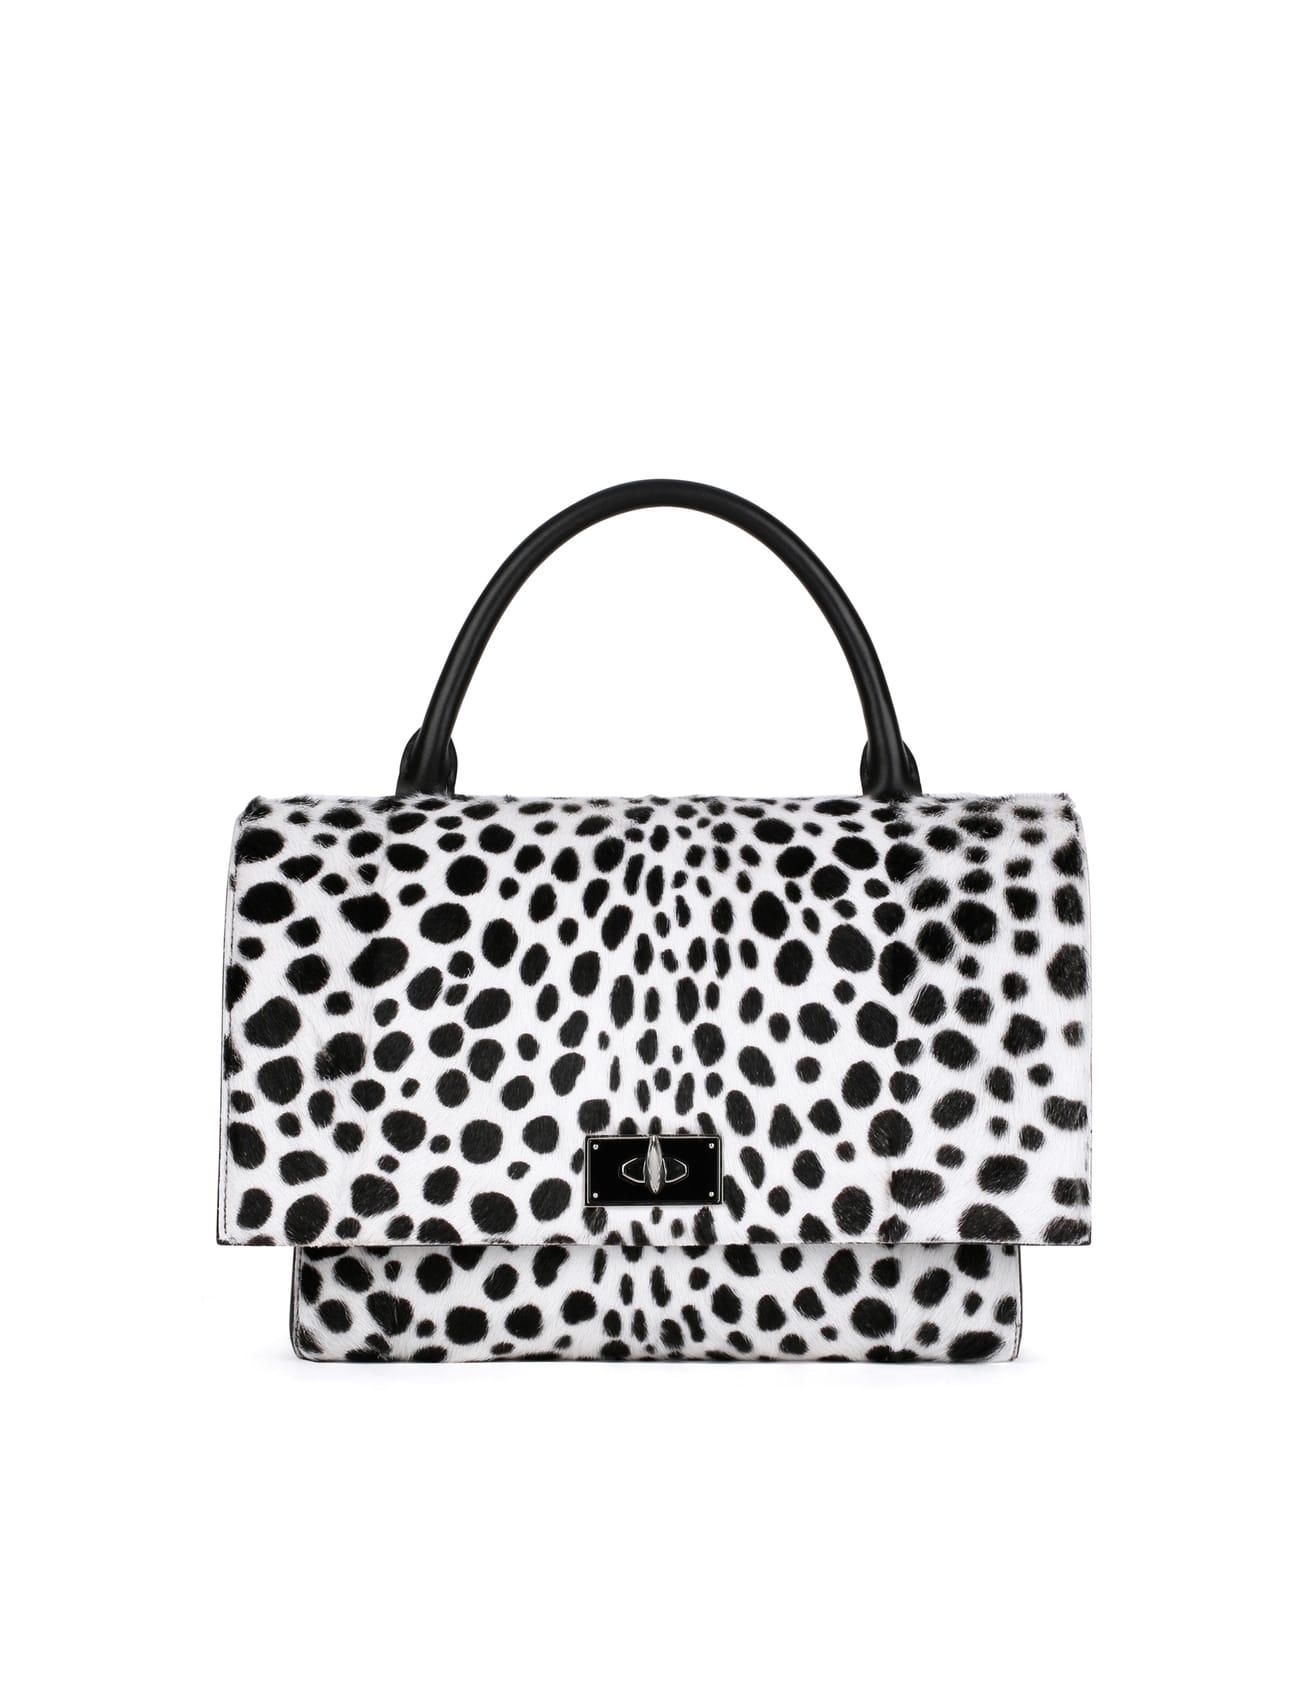 Dalmatian Print Handbags